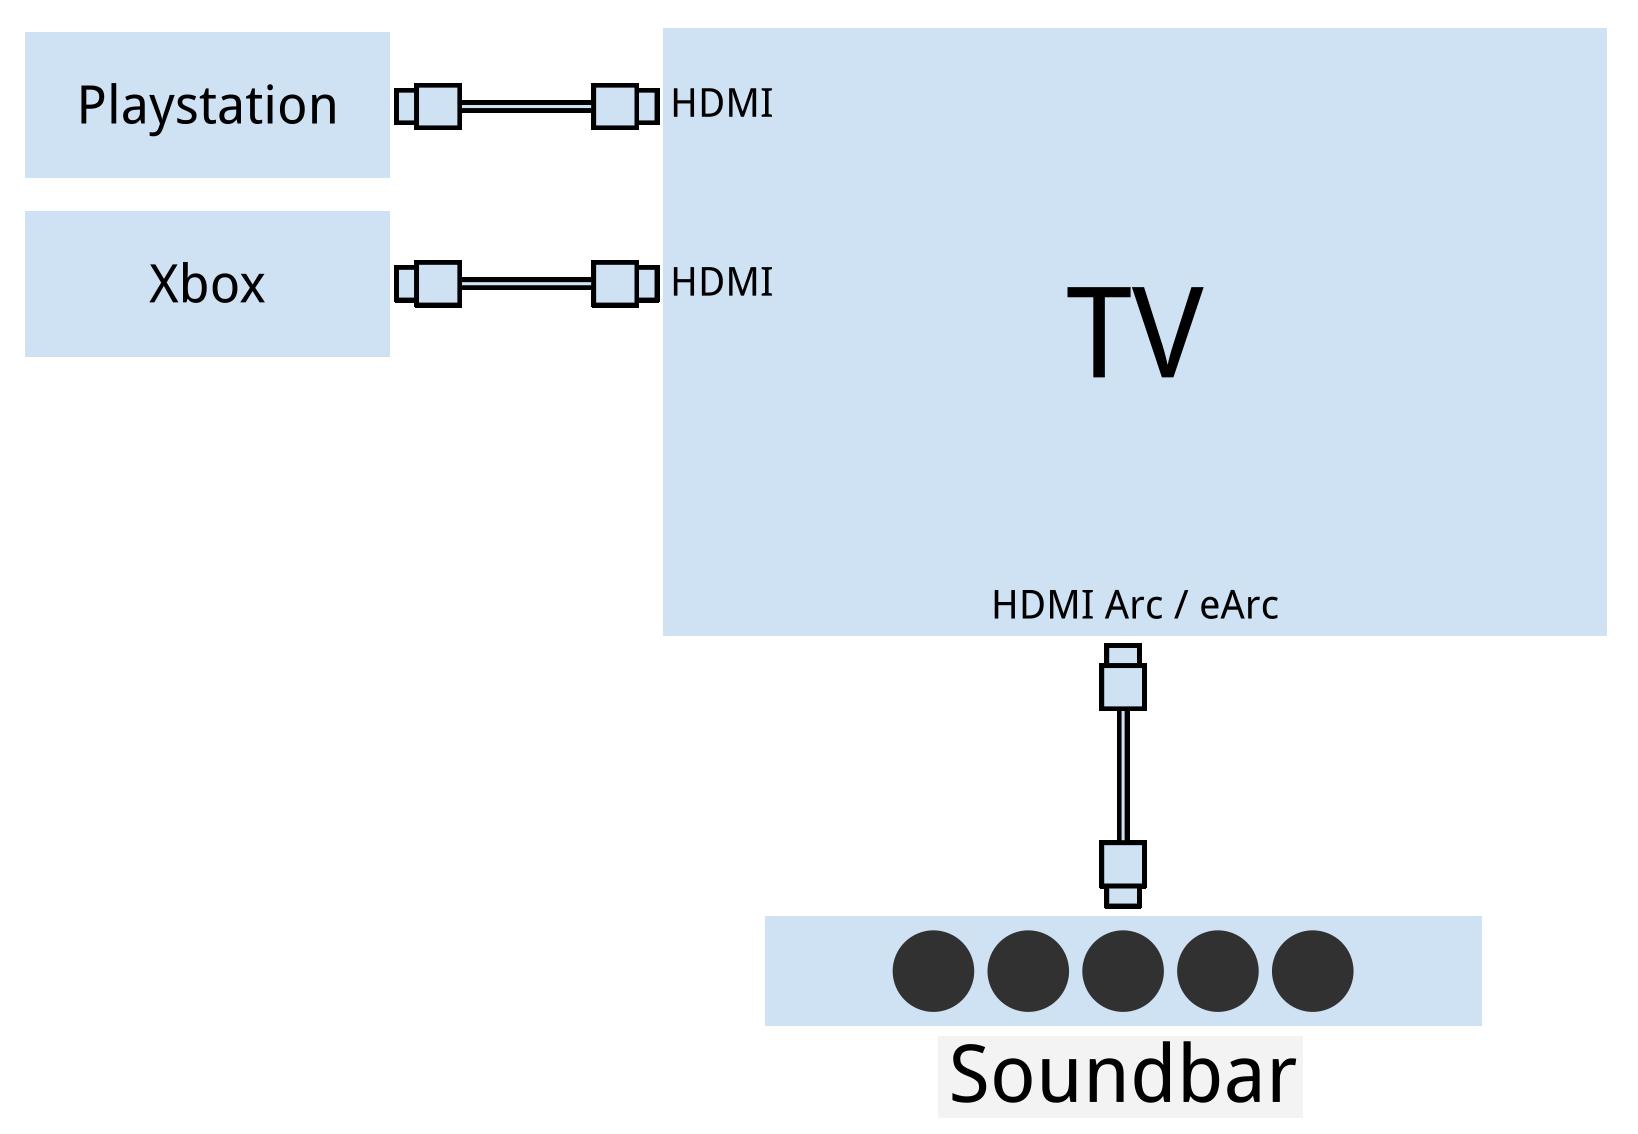 Die Sonos Arc Soundbar muss zwingend über HDMI (e)Arc angeschlossen werden.